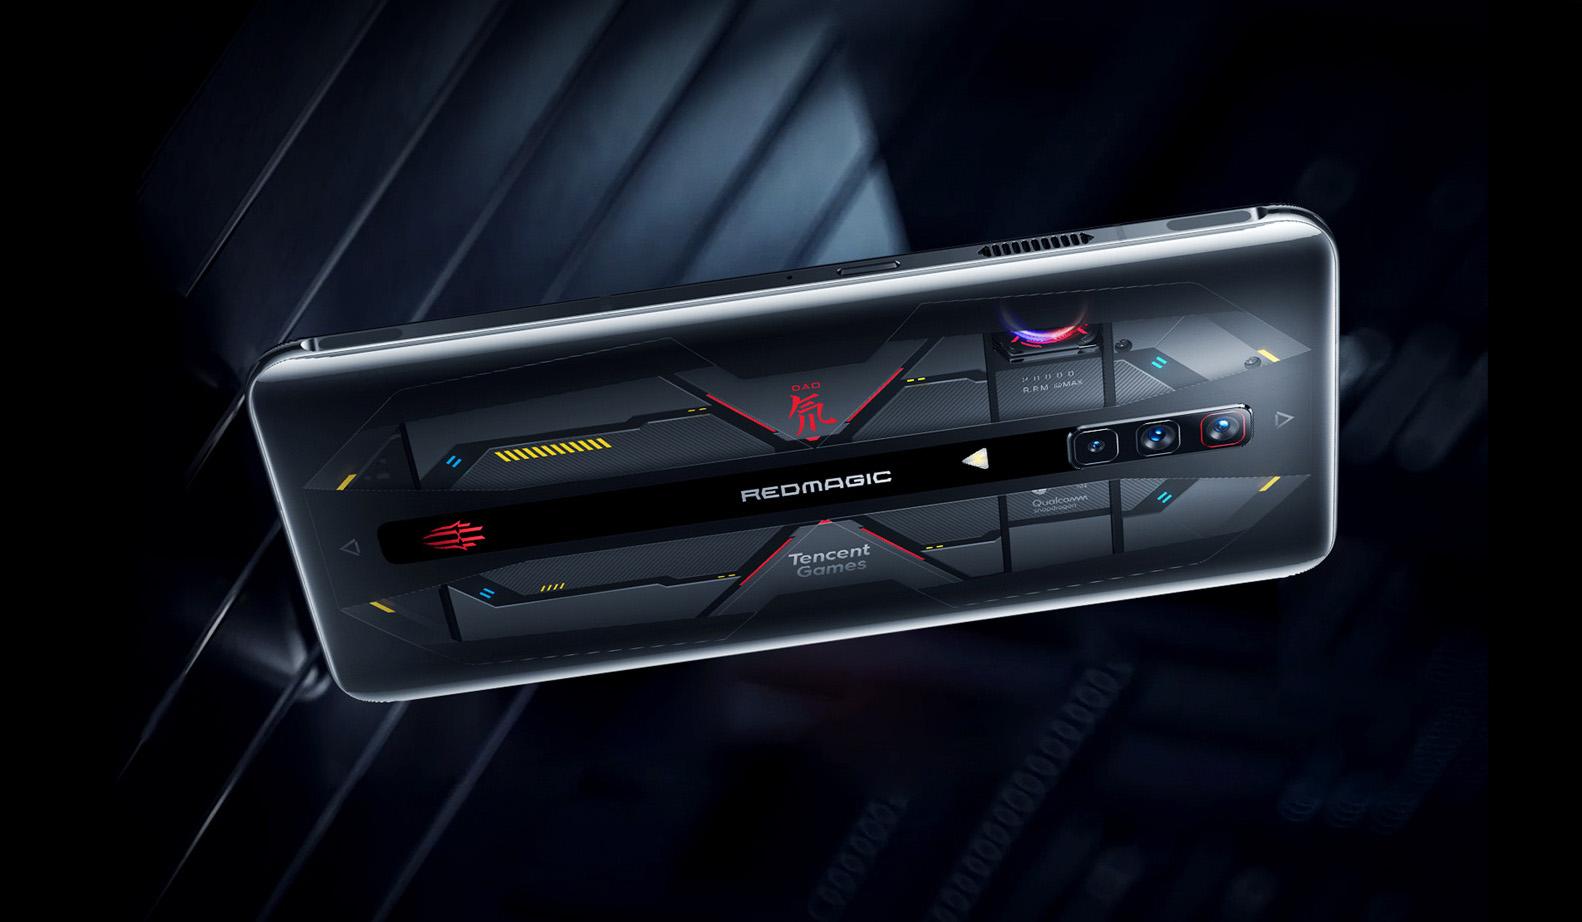 RedMagic 6 Pron läpinäkyvä erikoisversio.